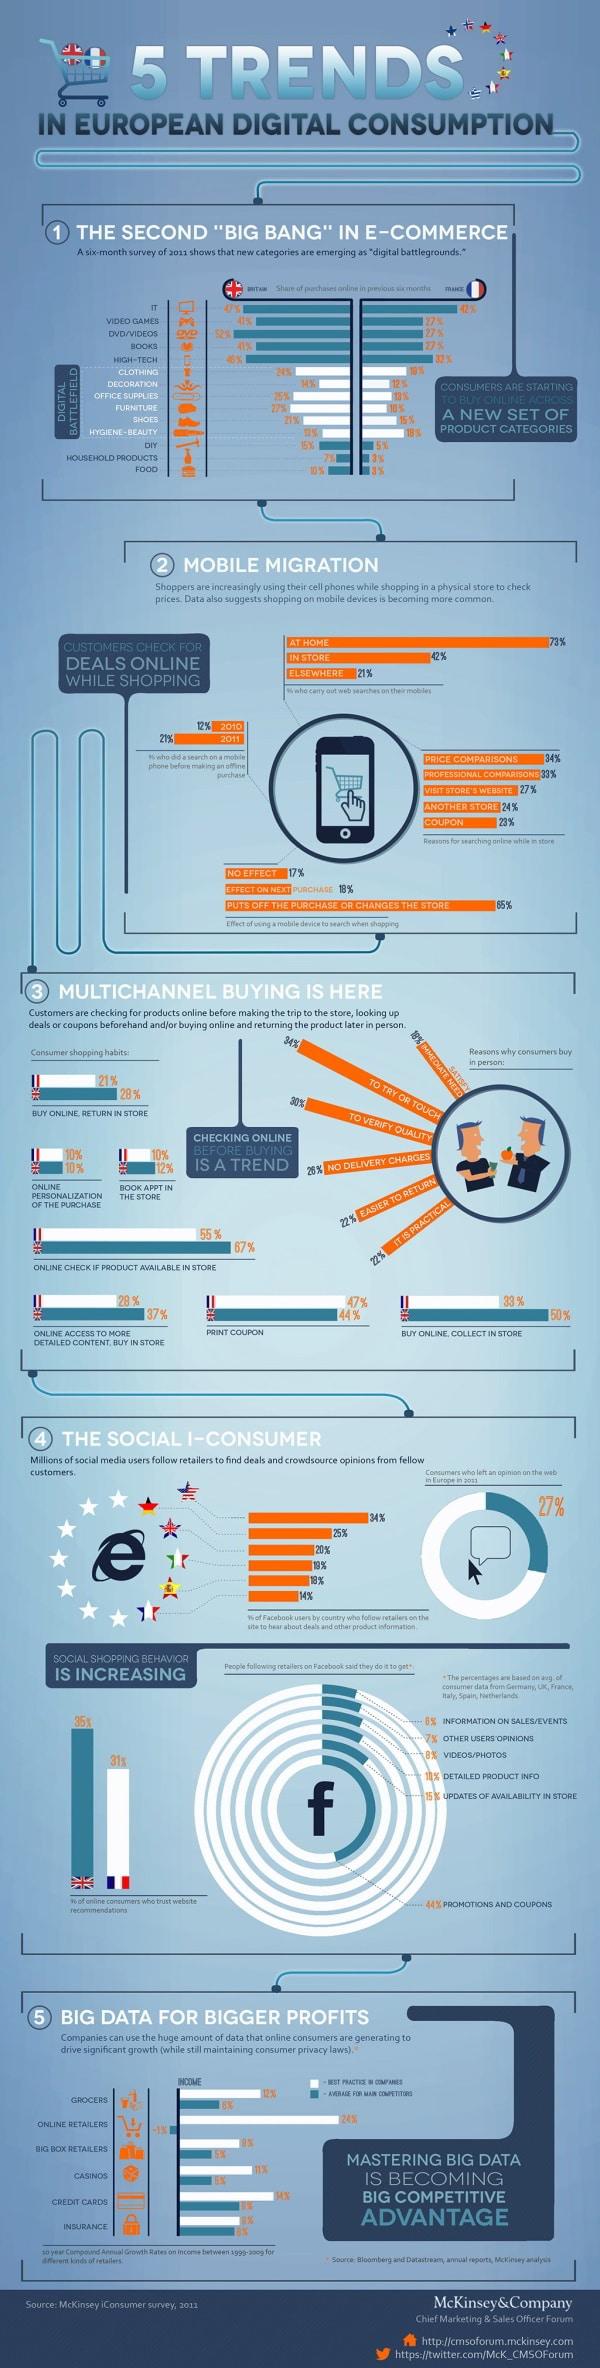 Consommation digitale : 5 tendances européennes (McKinsey)